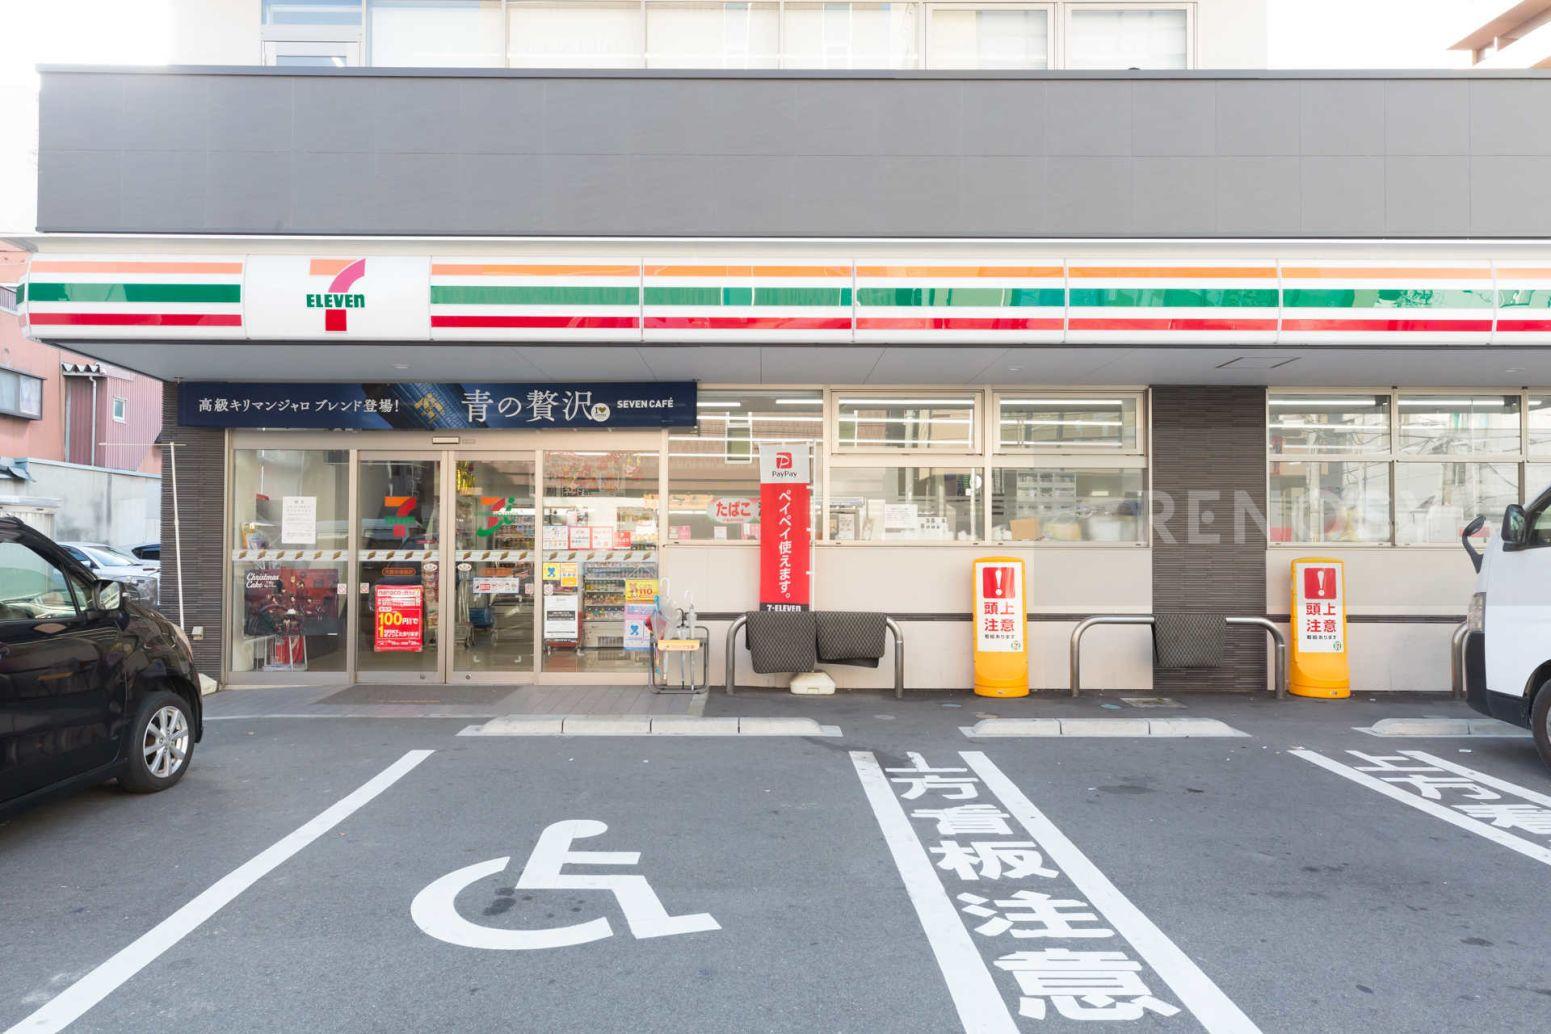 ザクイーン新梅田